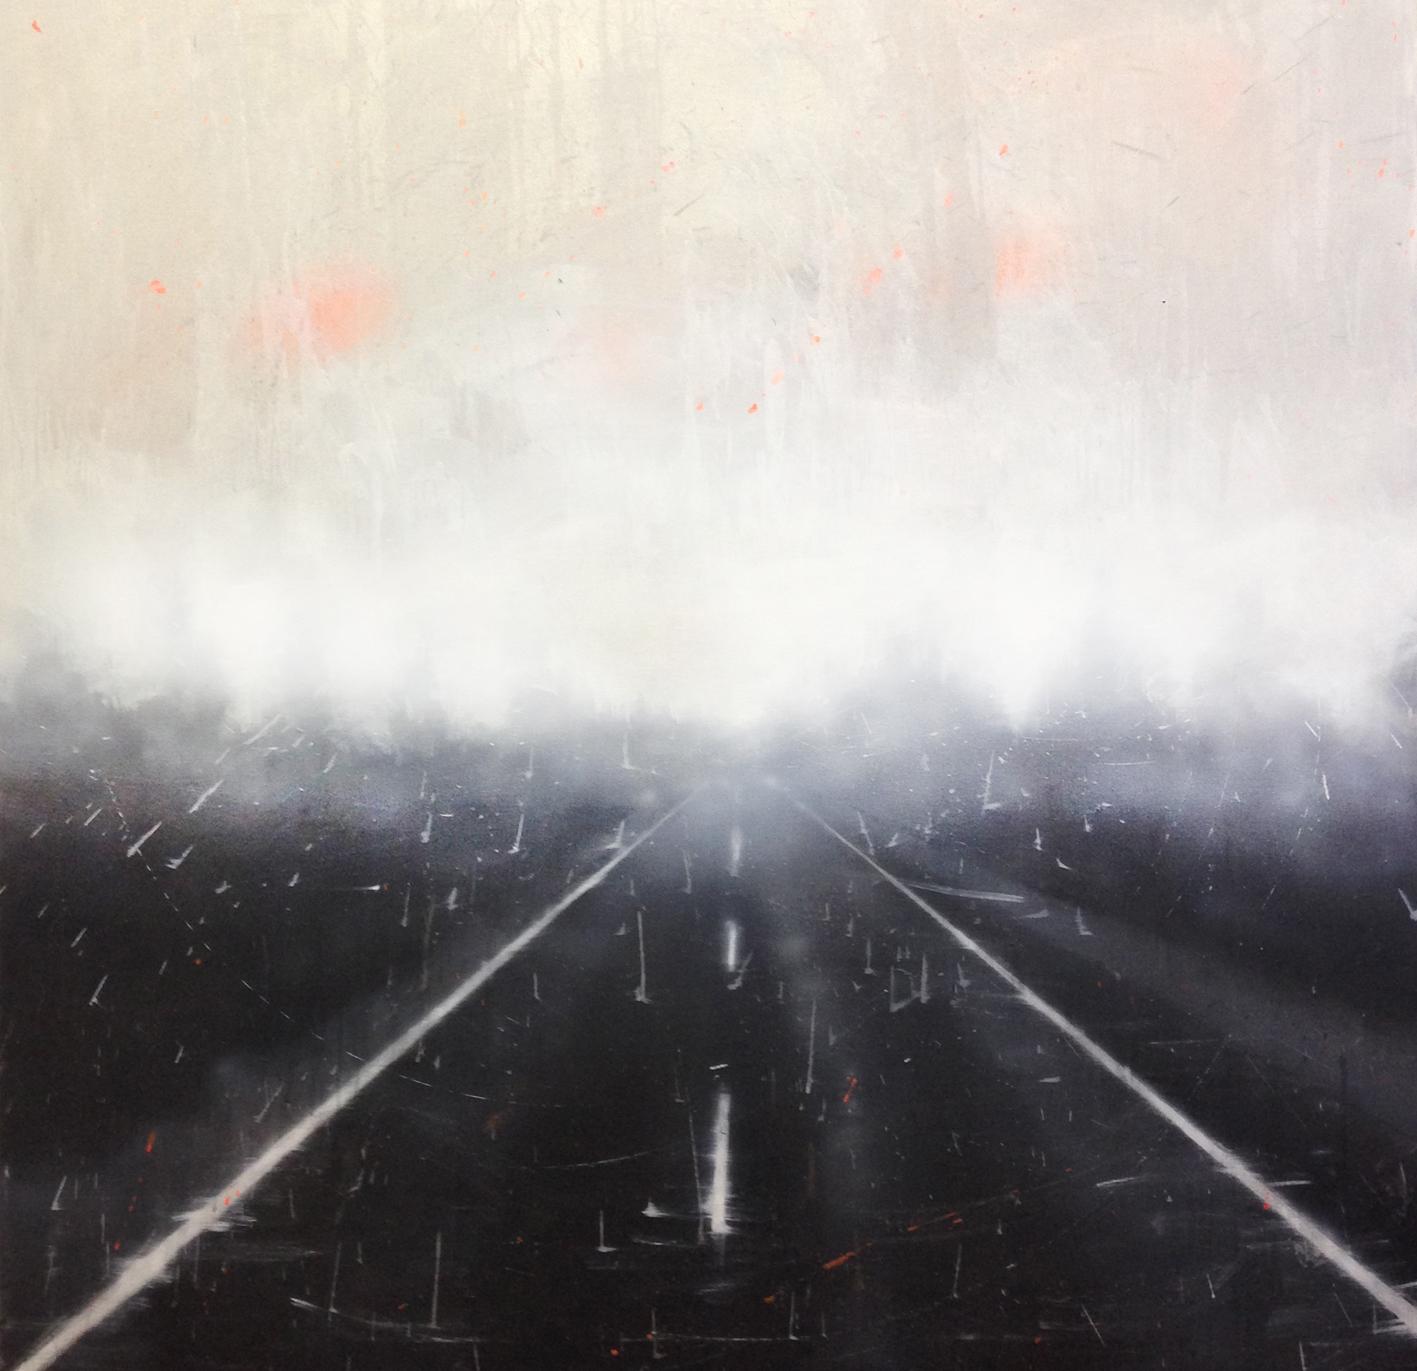 Niebla, de Belén Cobaleda, acrílico, resina y metacrilato sobre lienzo, 1.120 x 120 cm.